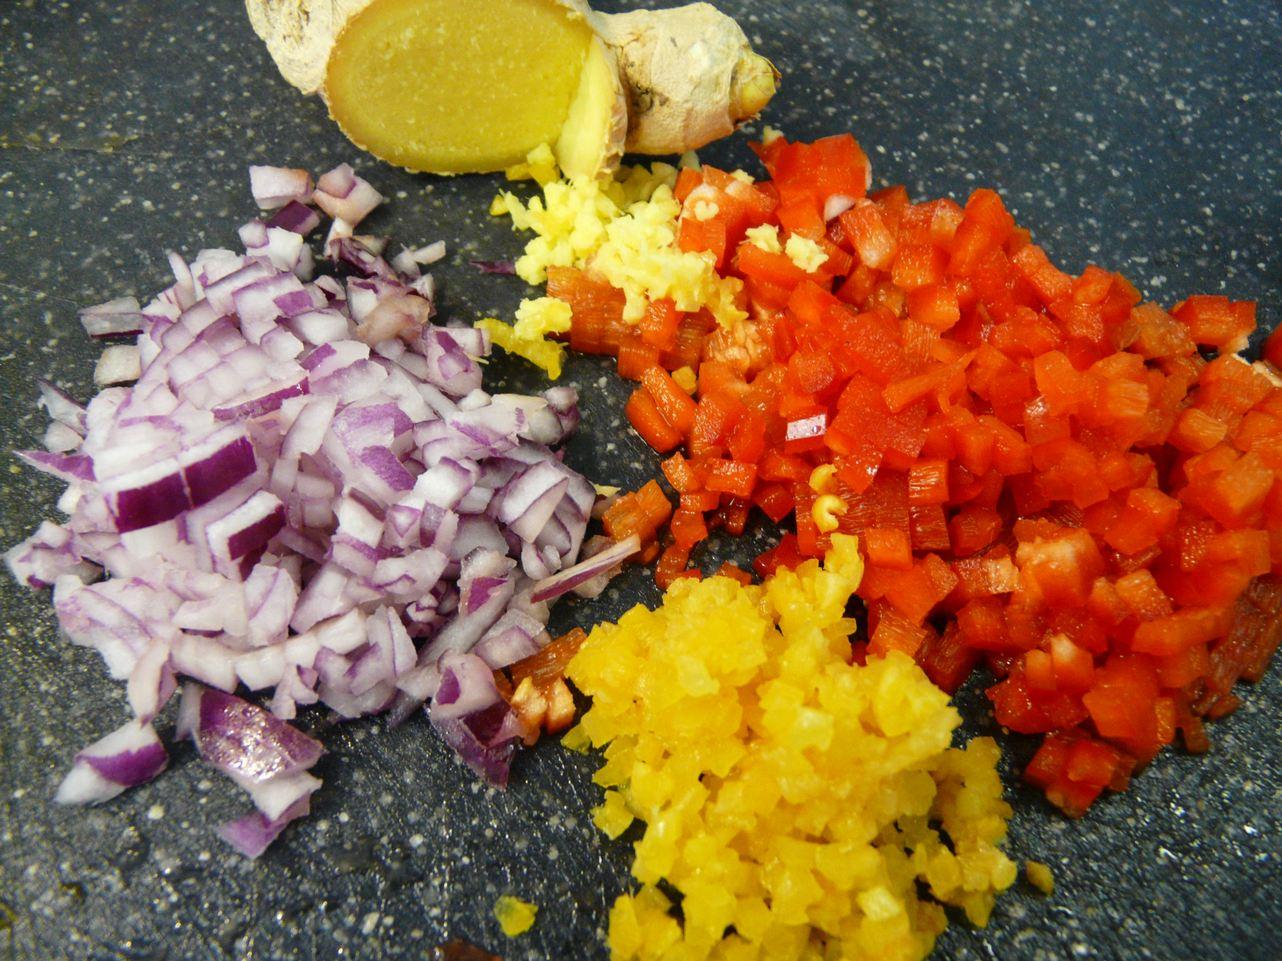 Zutaten für die Füllung: Ingwer, geräucherter Knoblauch, rote Zwiebel, Paprika